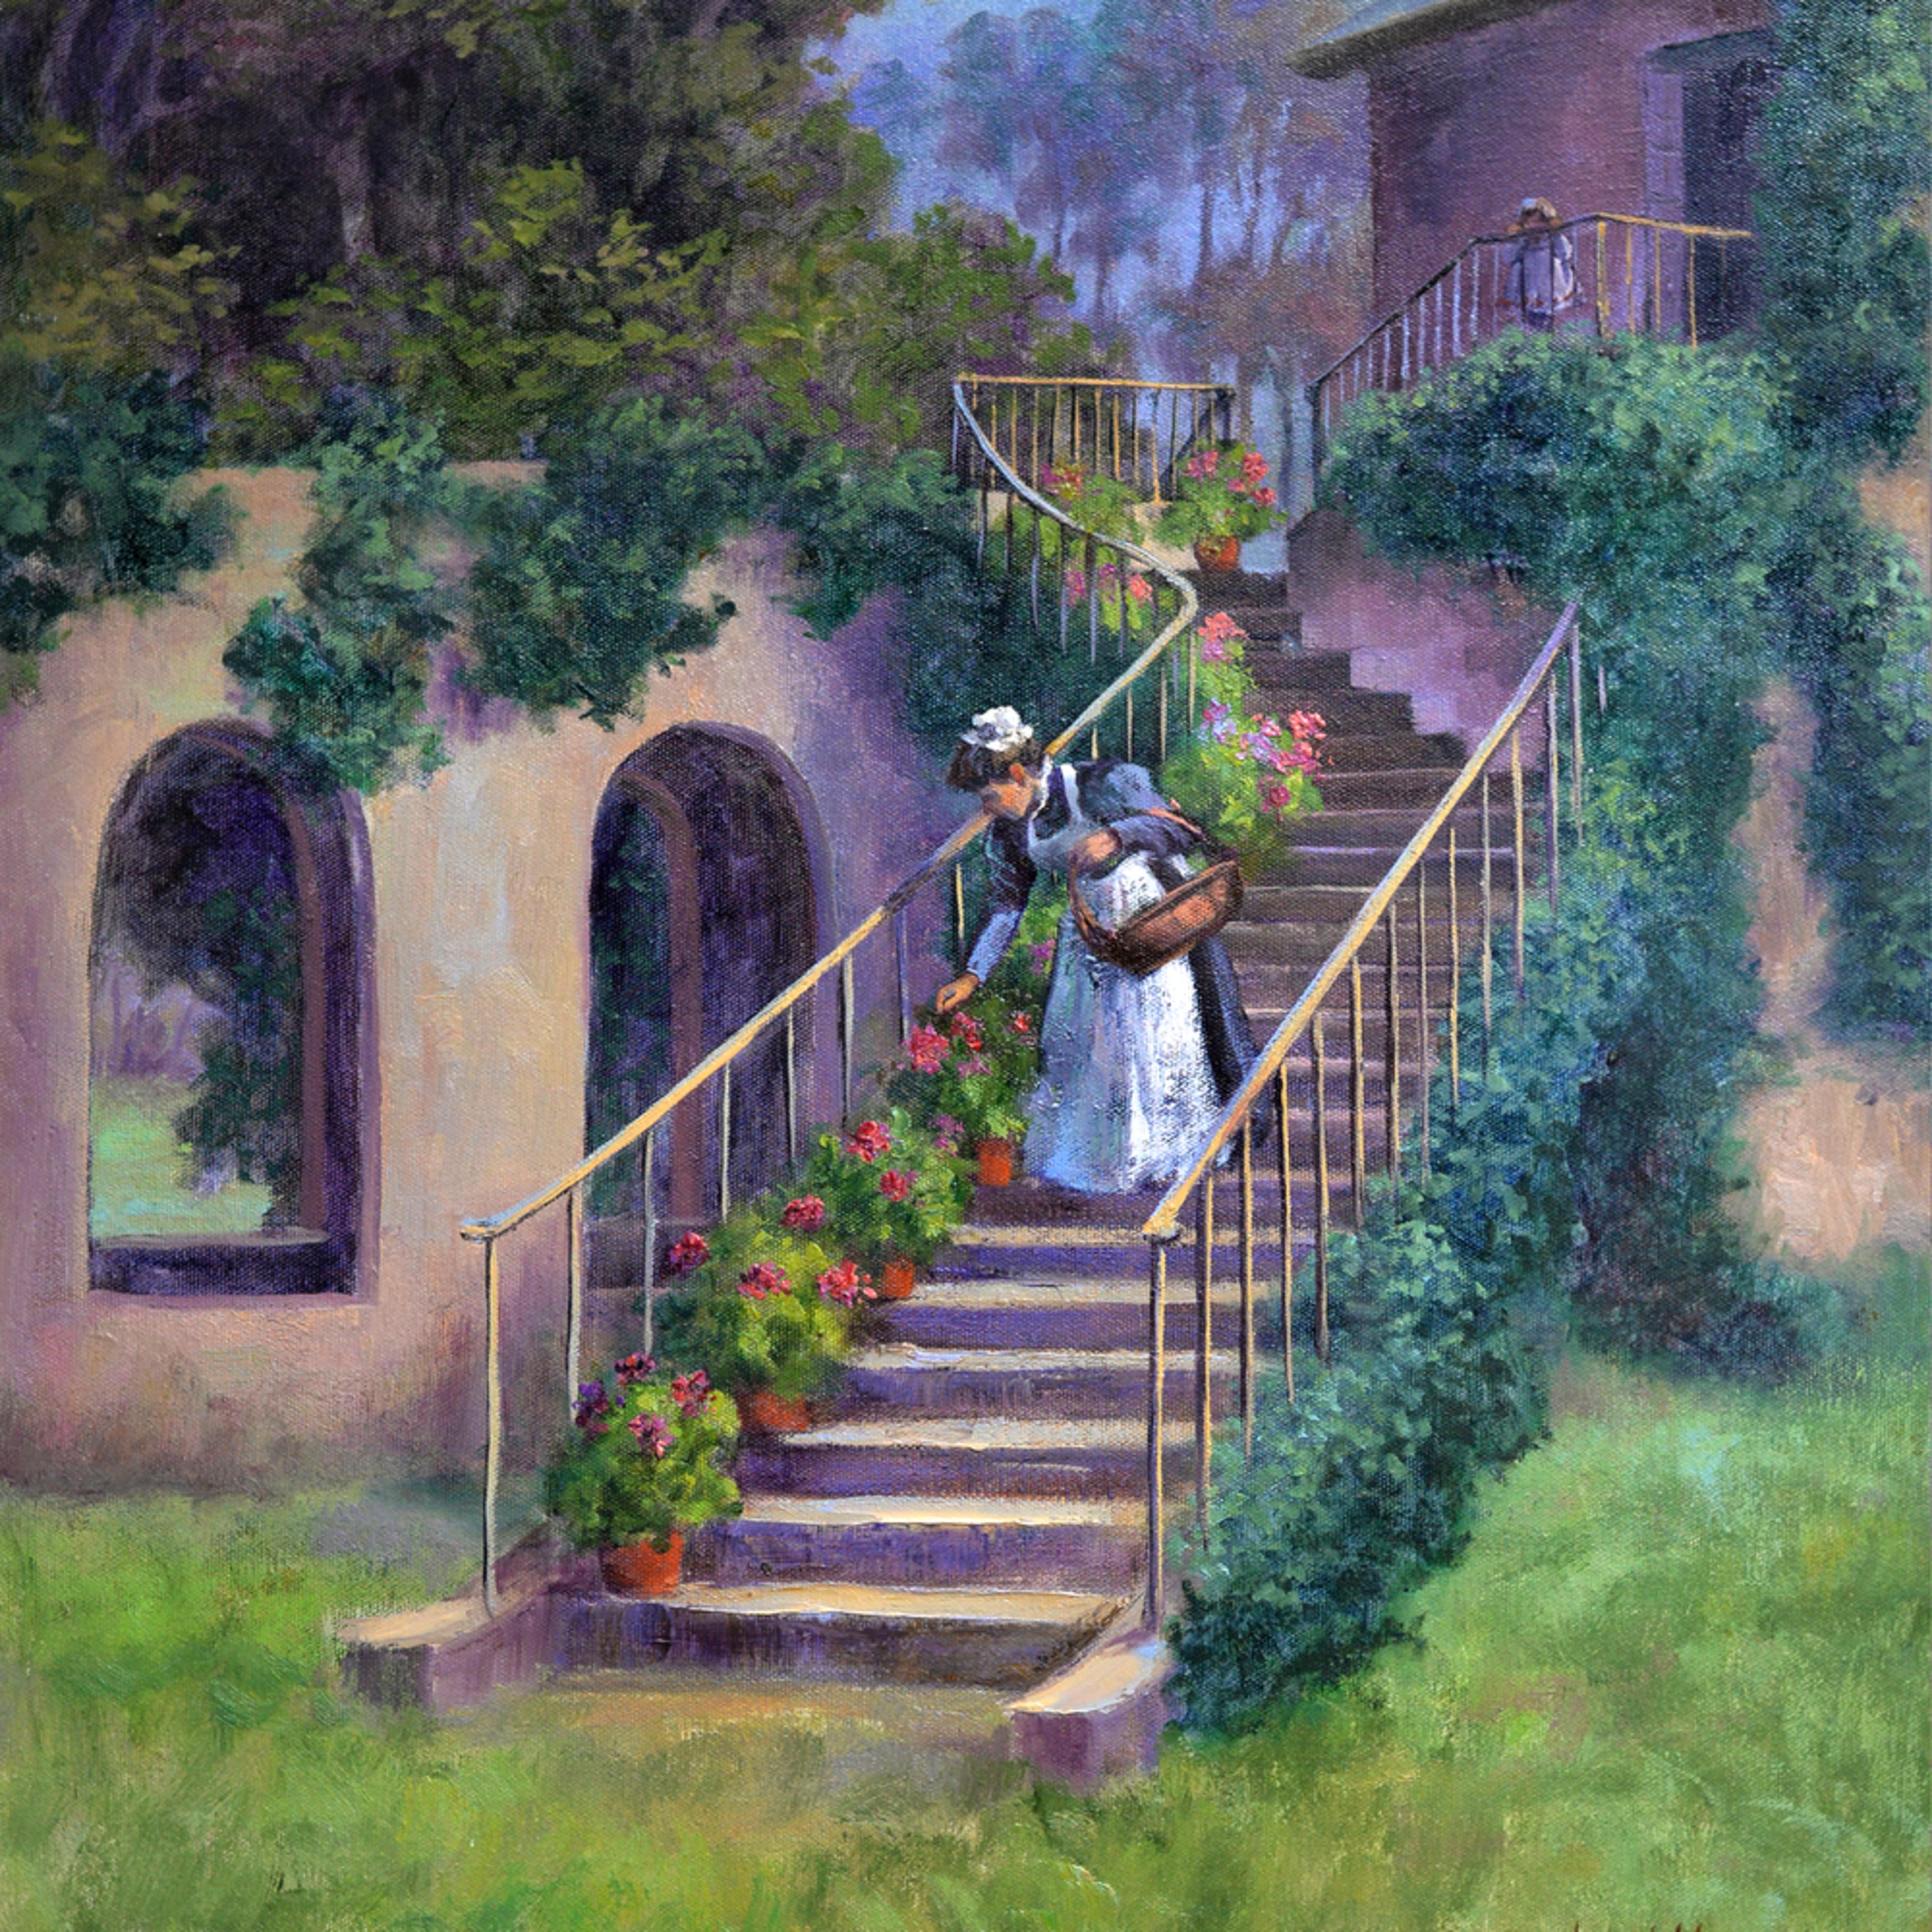 Secluded garden d610 print 6000 fmtfir